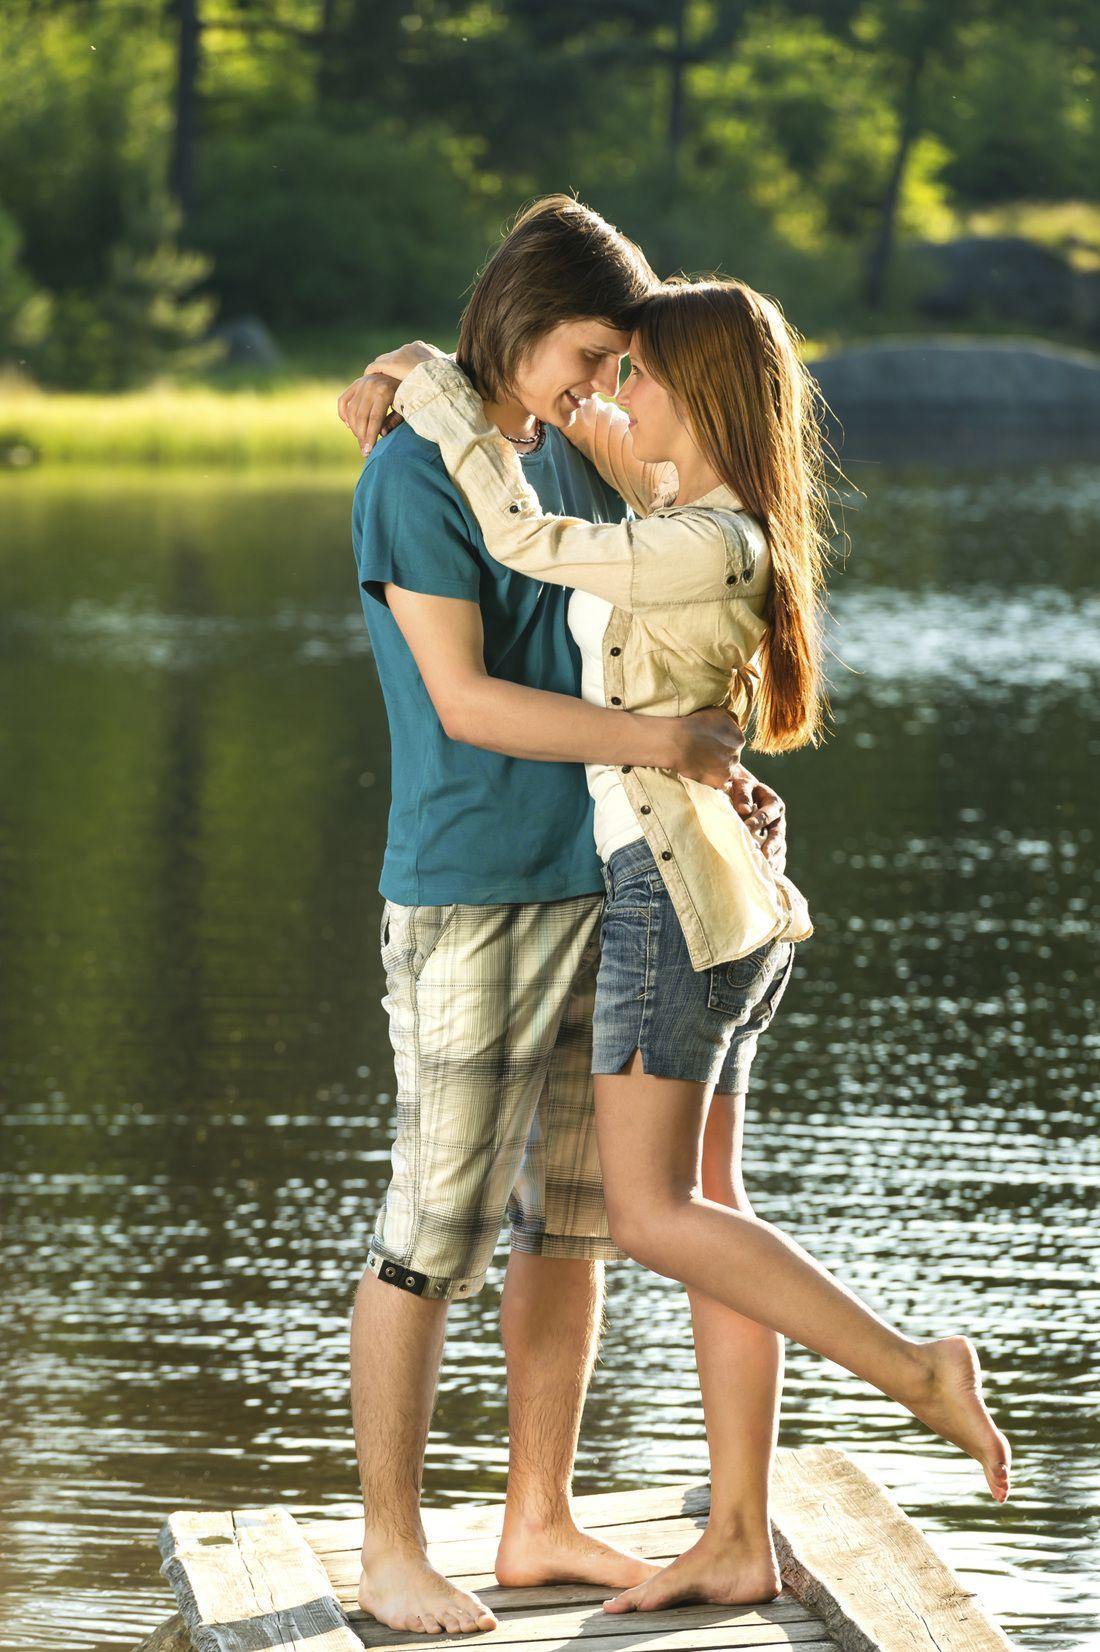 Pin Alex Gabriel Barefoot Couple Teen